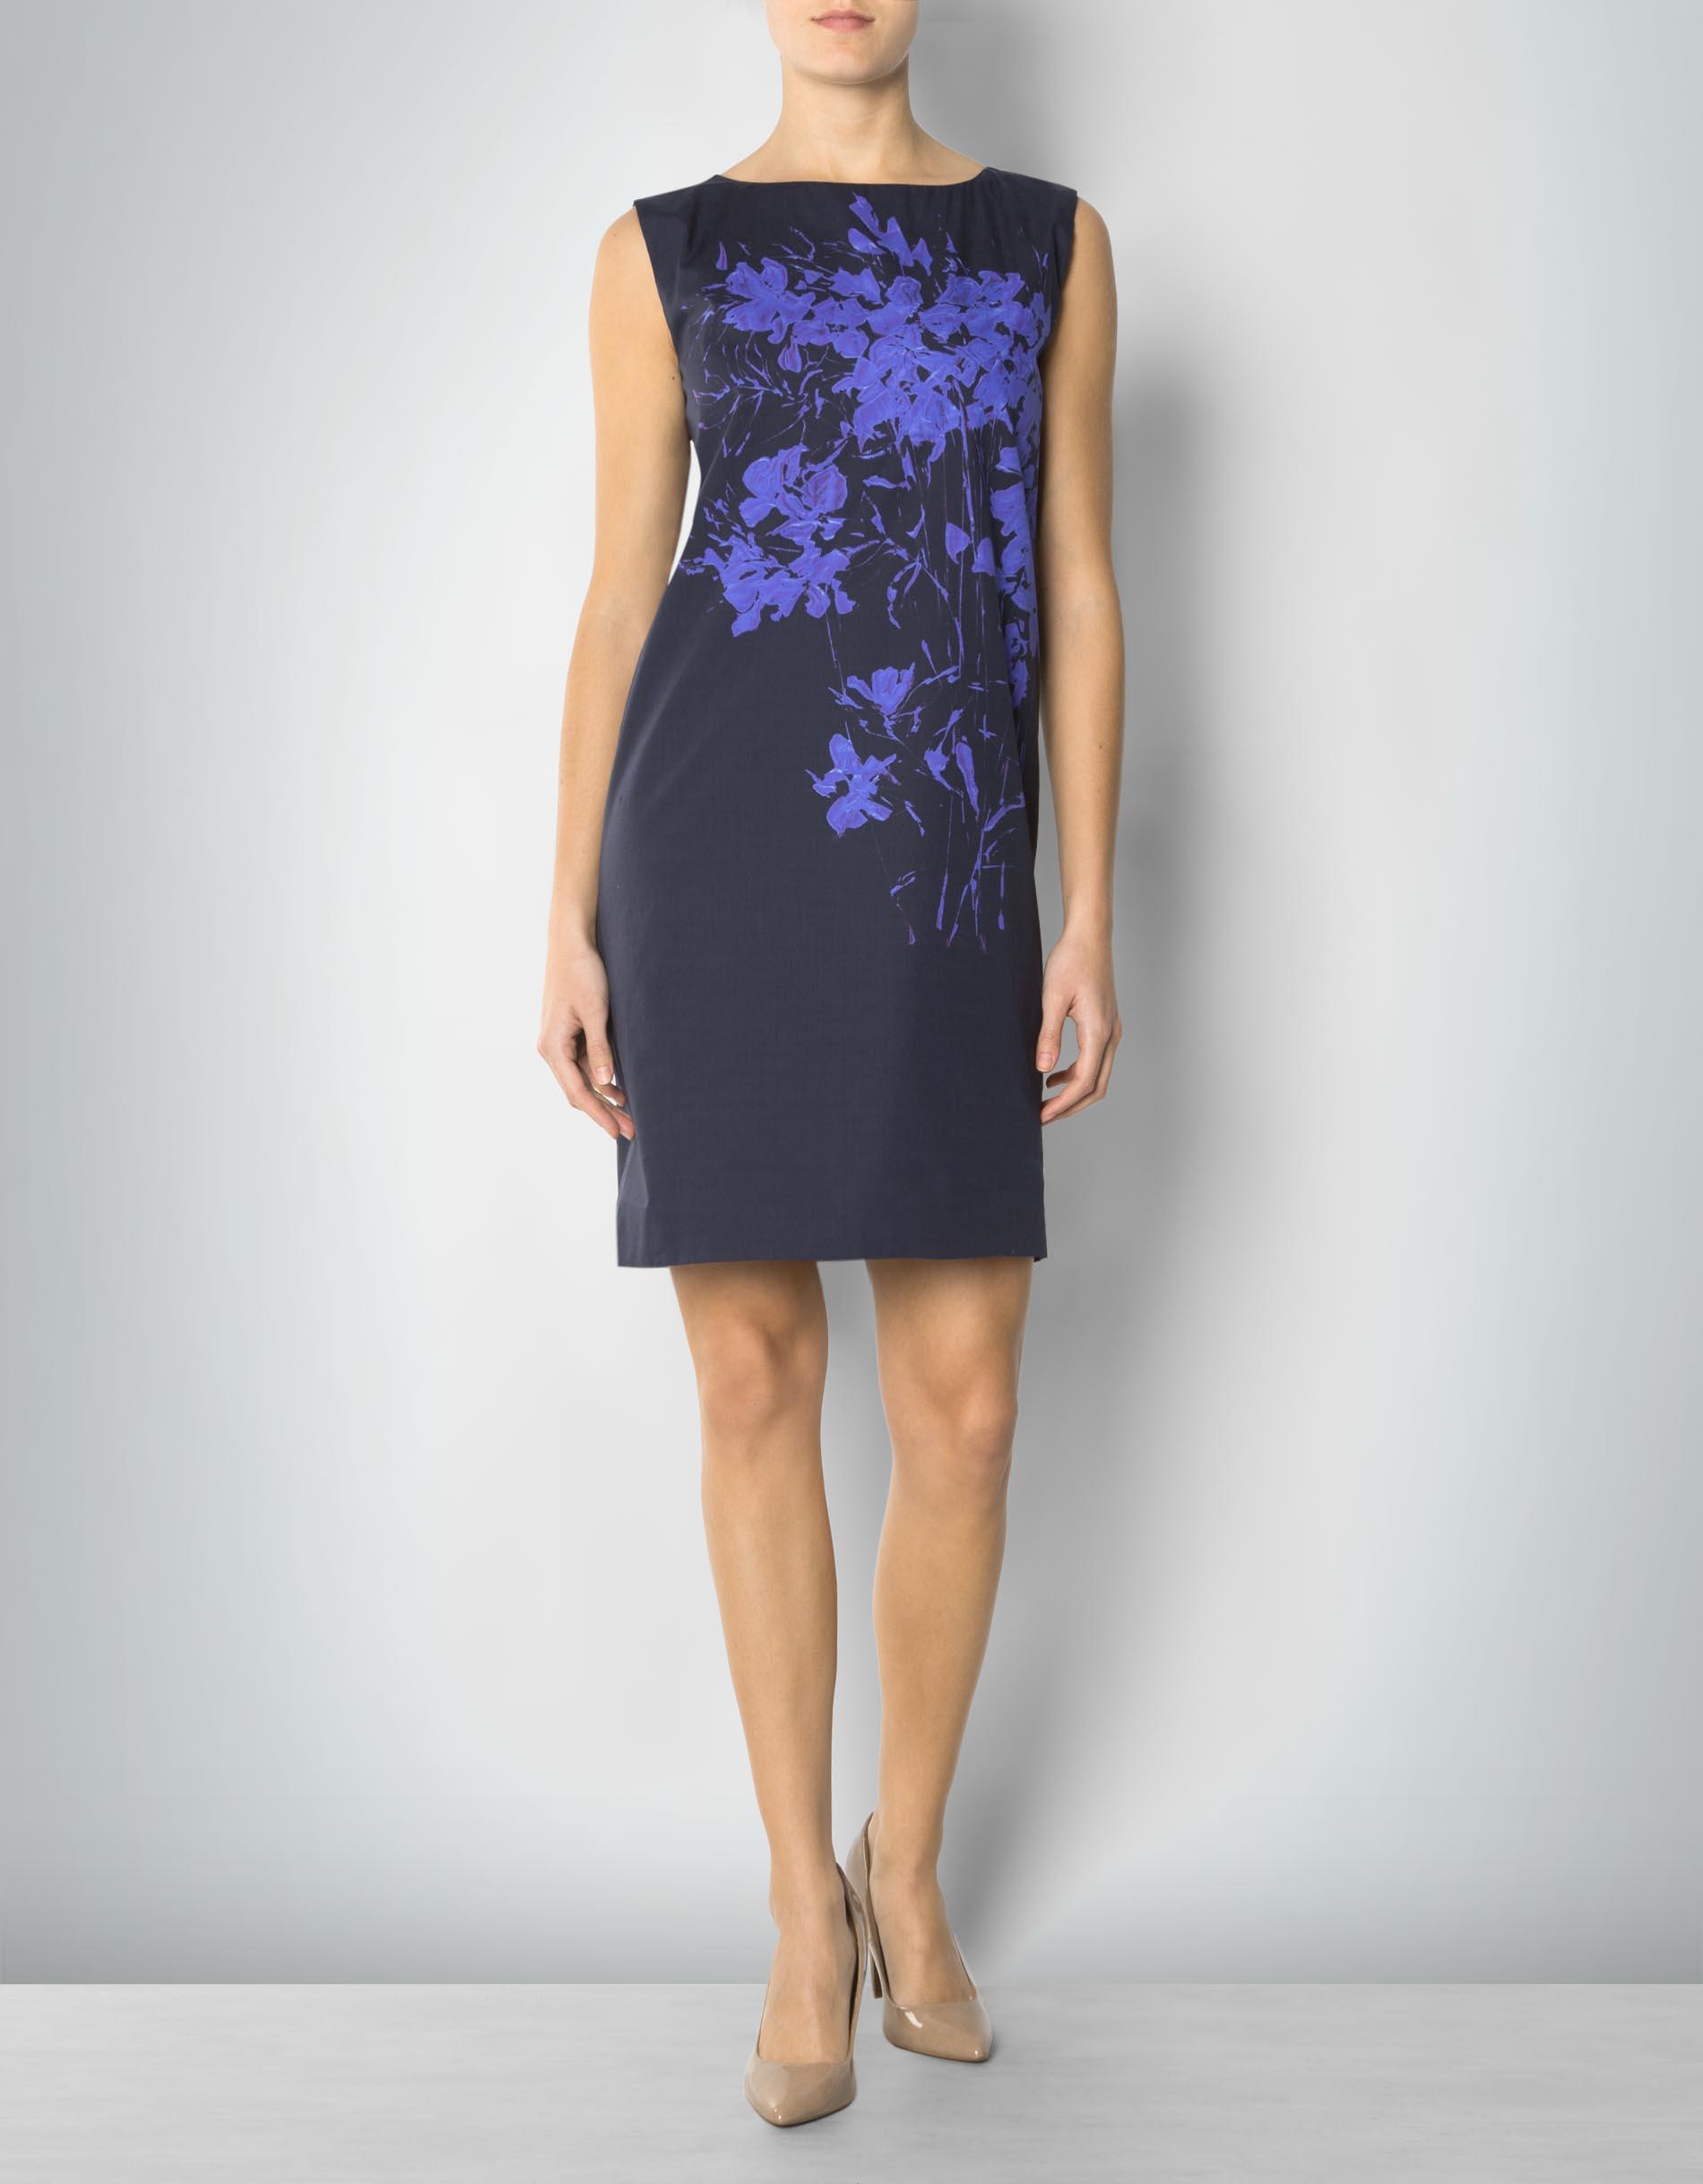 daniel hechter damen kleid mit floralem print empfohlen. Black Bedroom Furniture Sets. Home Design Ideas